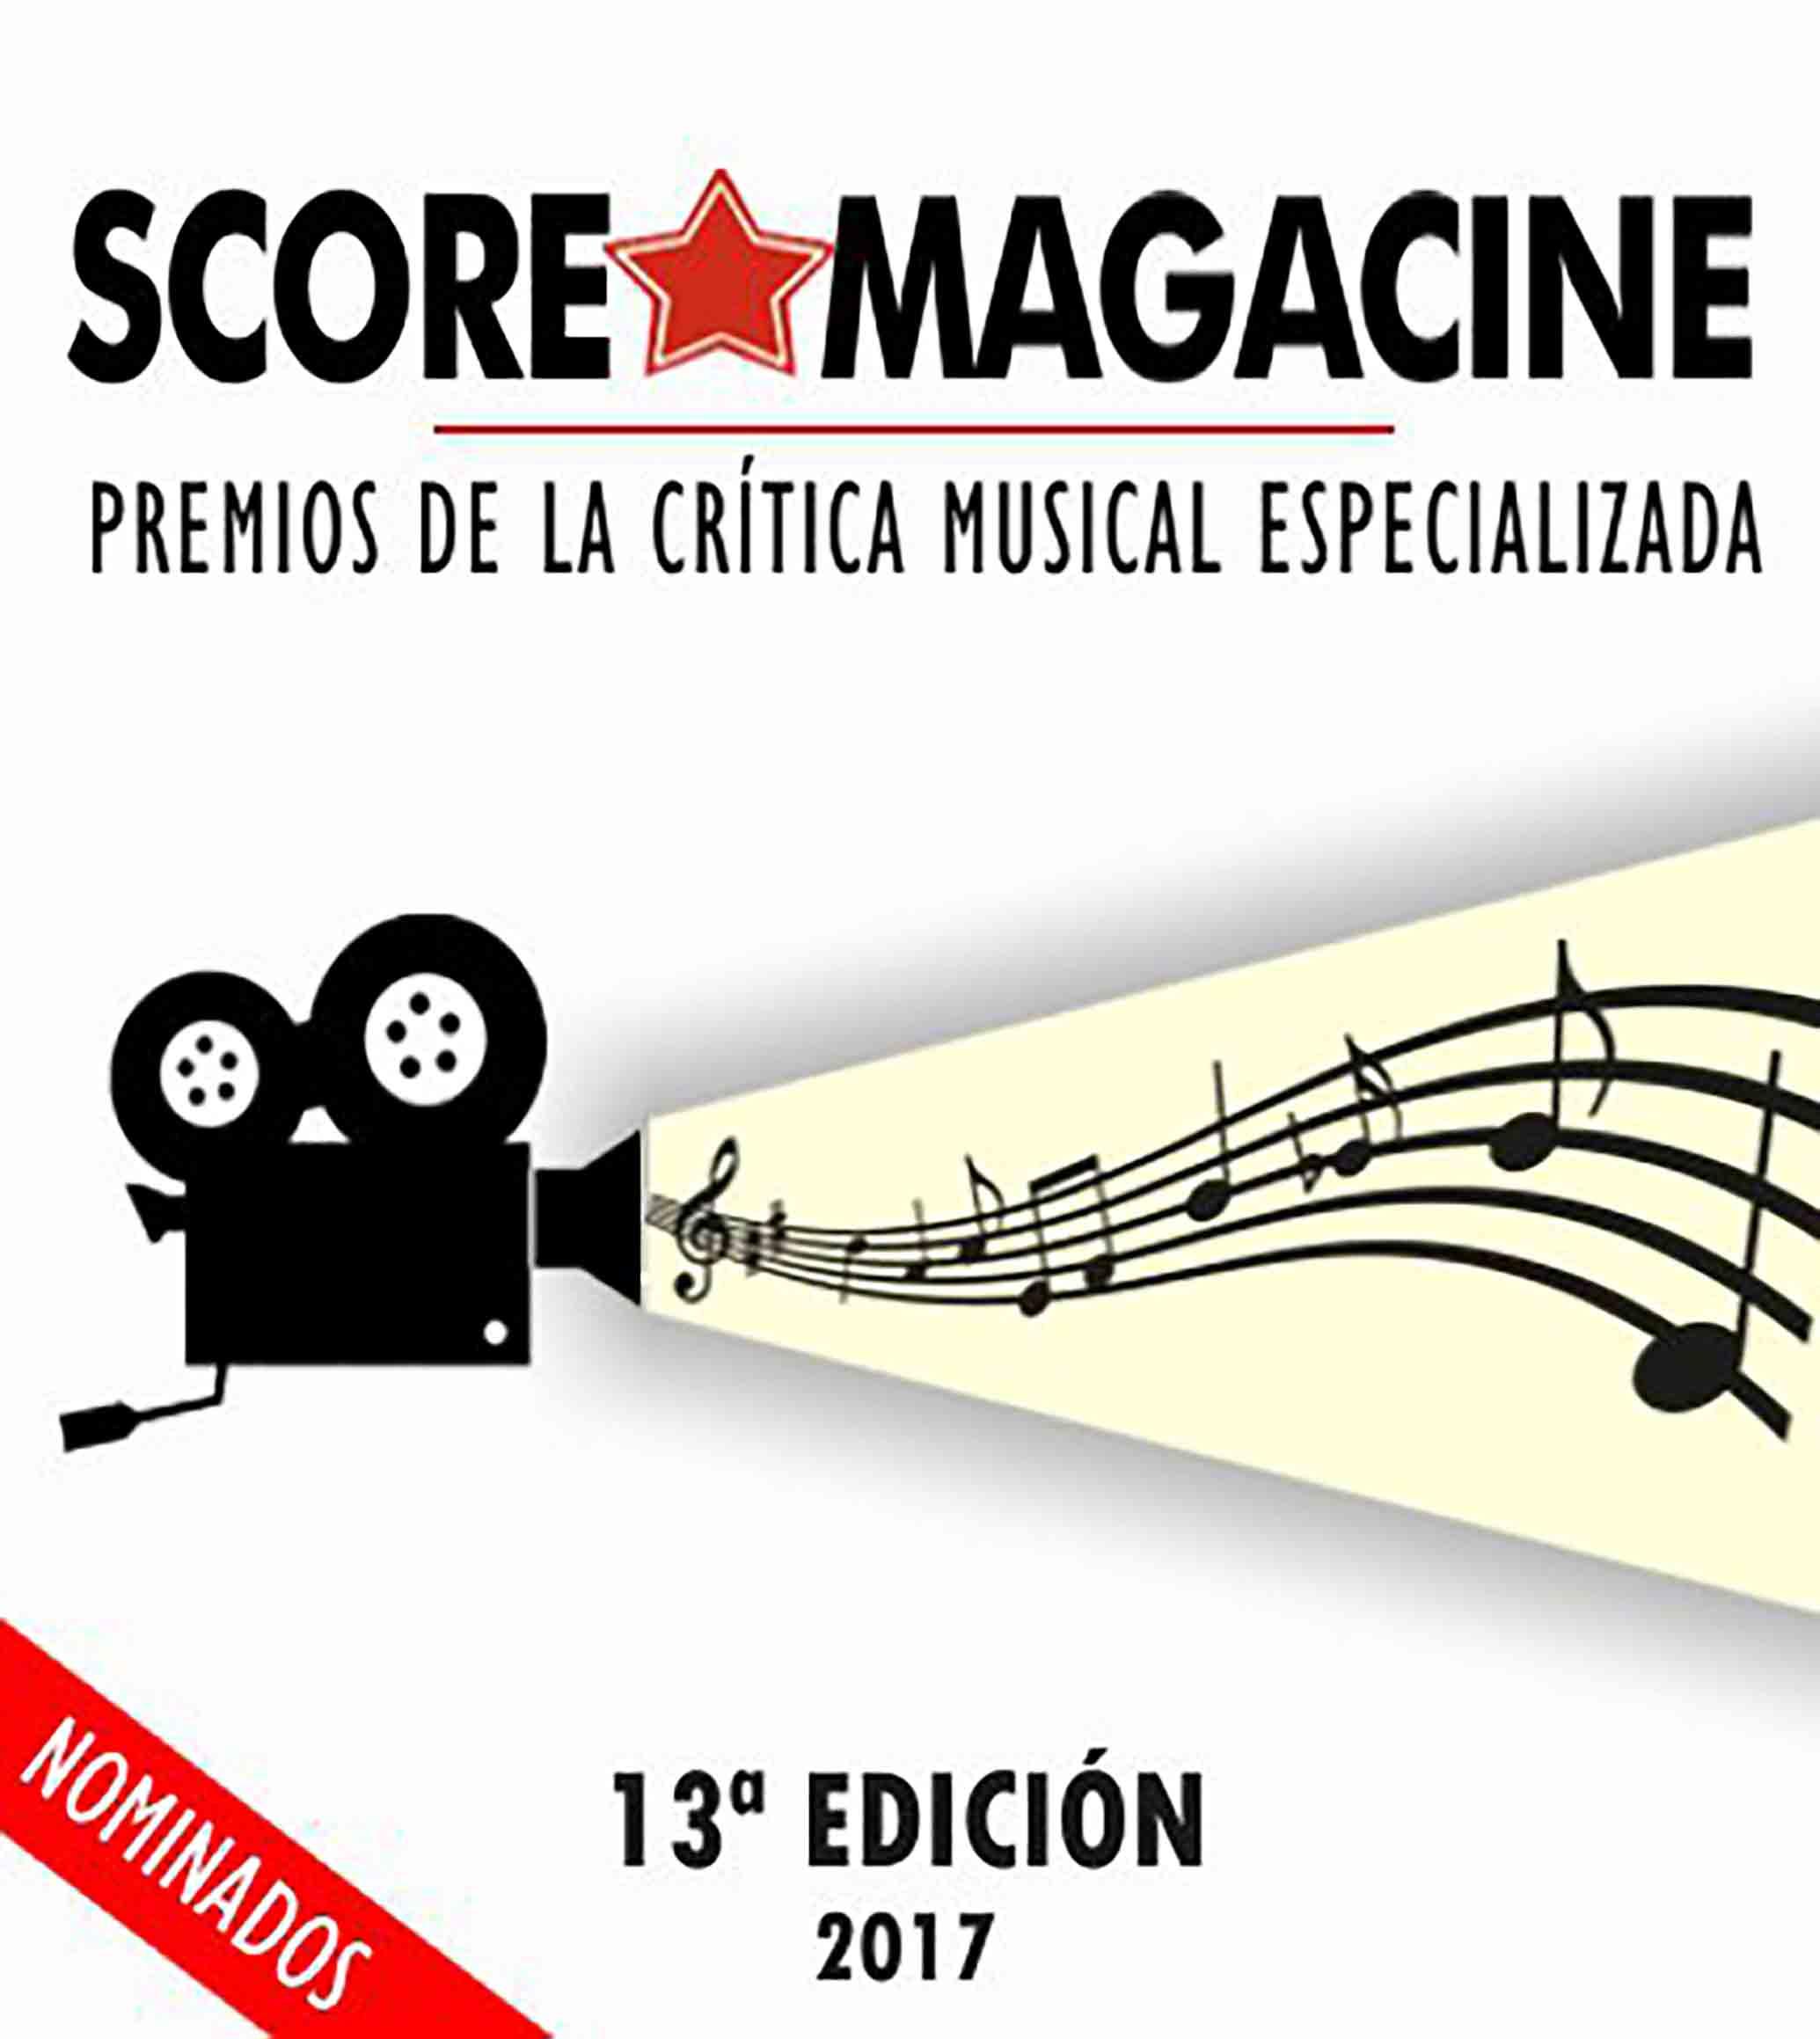 cvc_17_scoremagacine